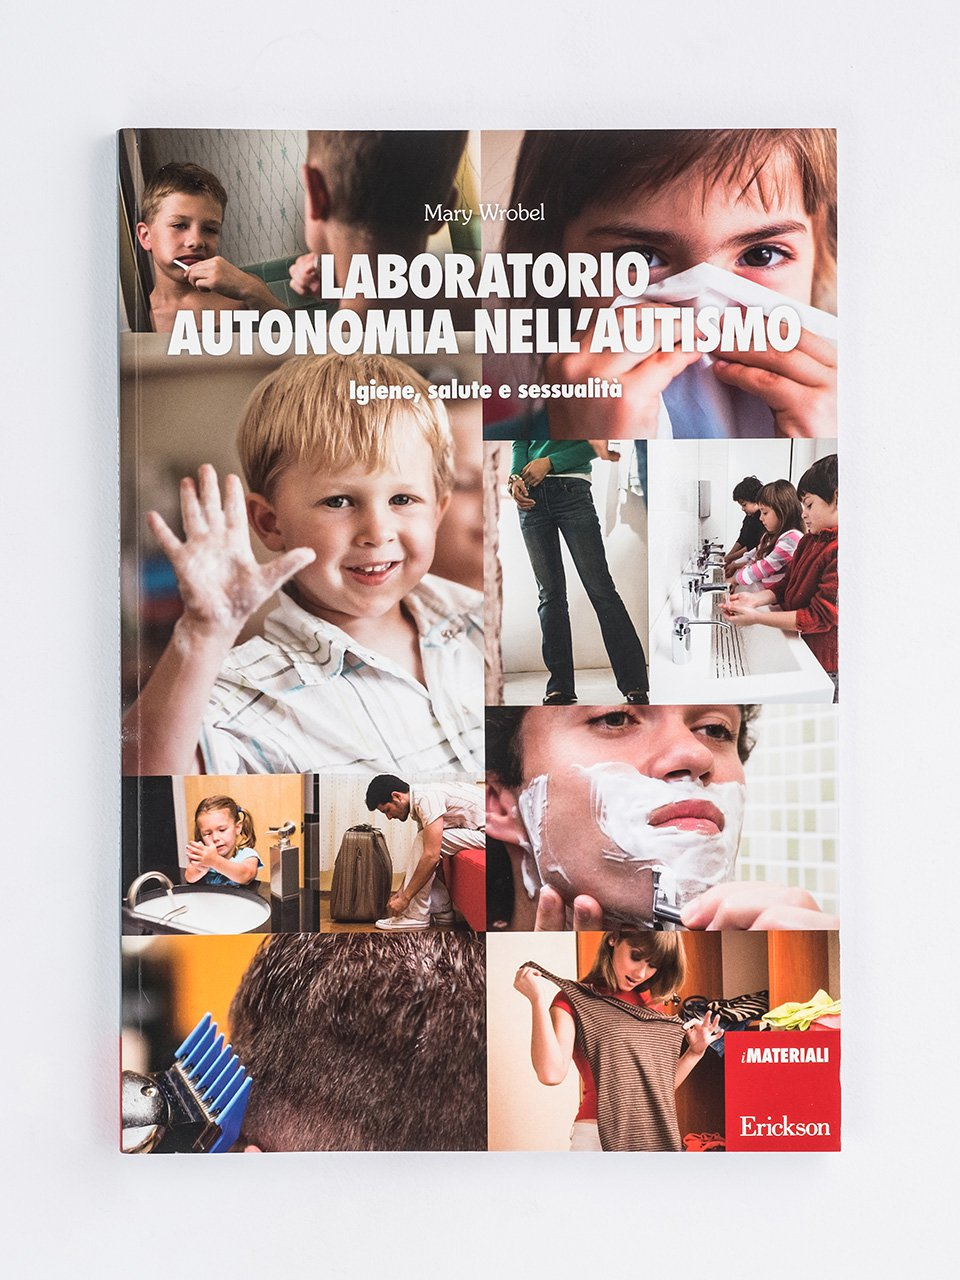 Laboratorio autonomia nell'autismo - Io sono speciale - Libri - Erickson